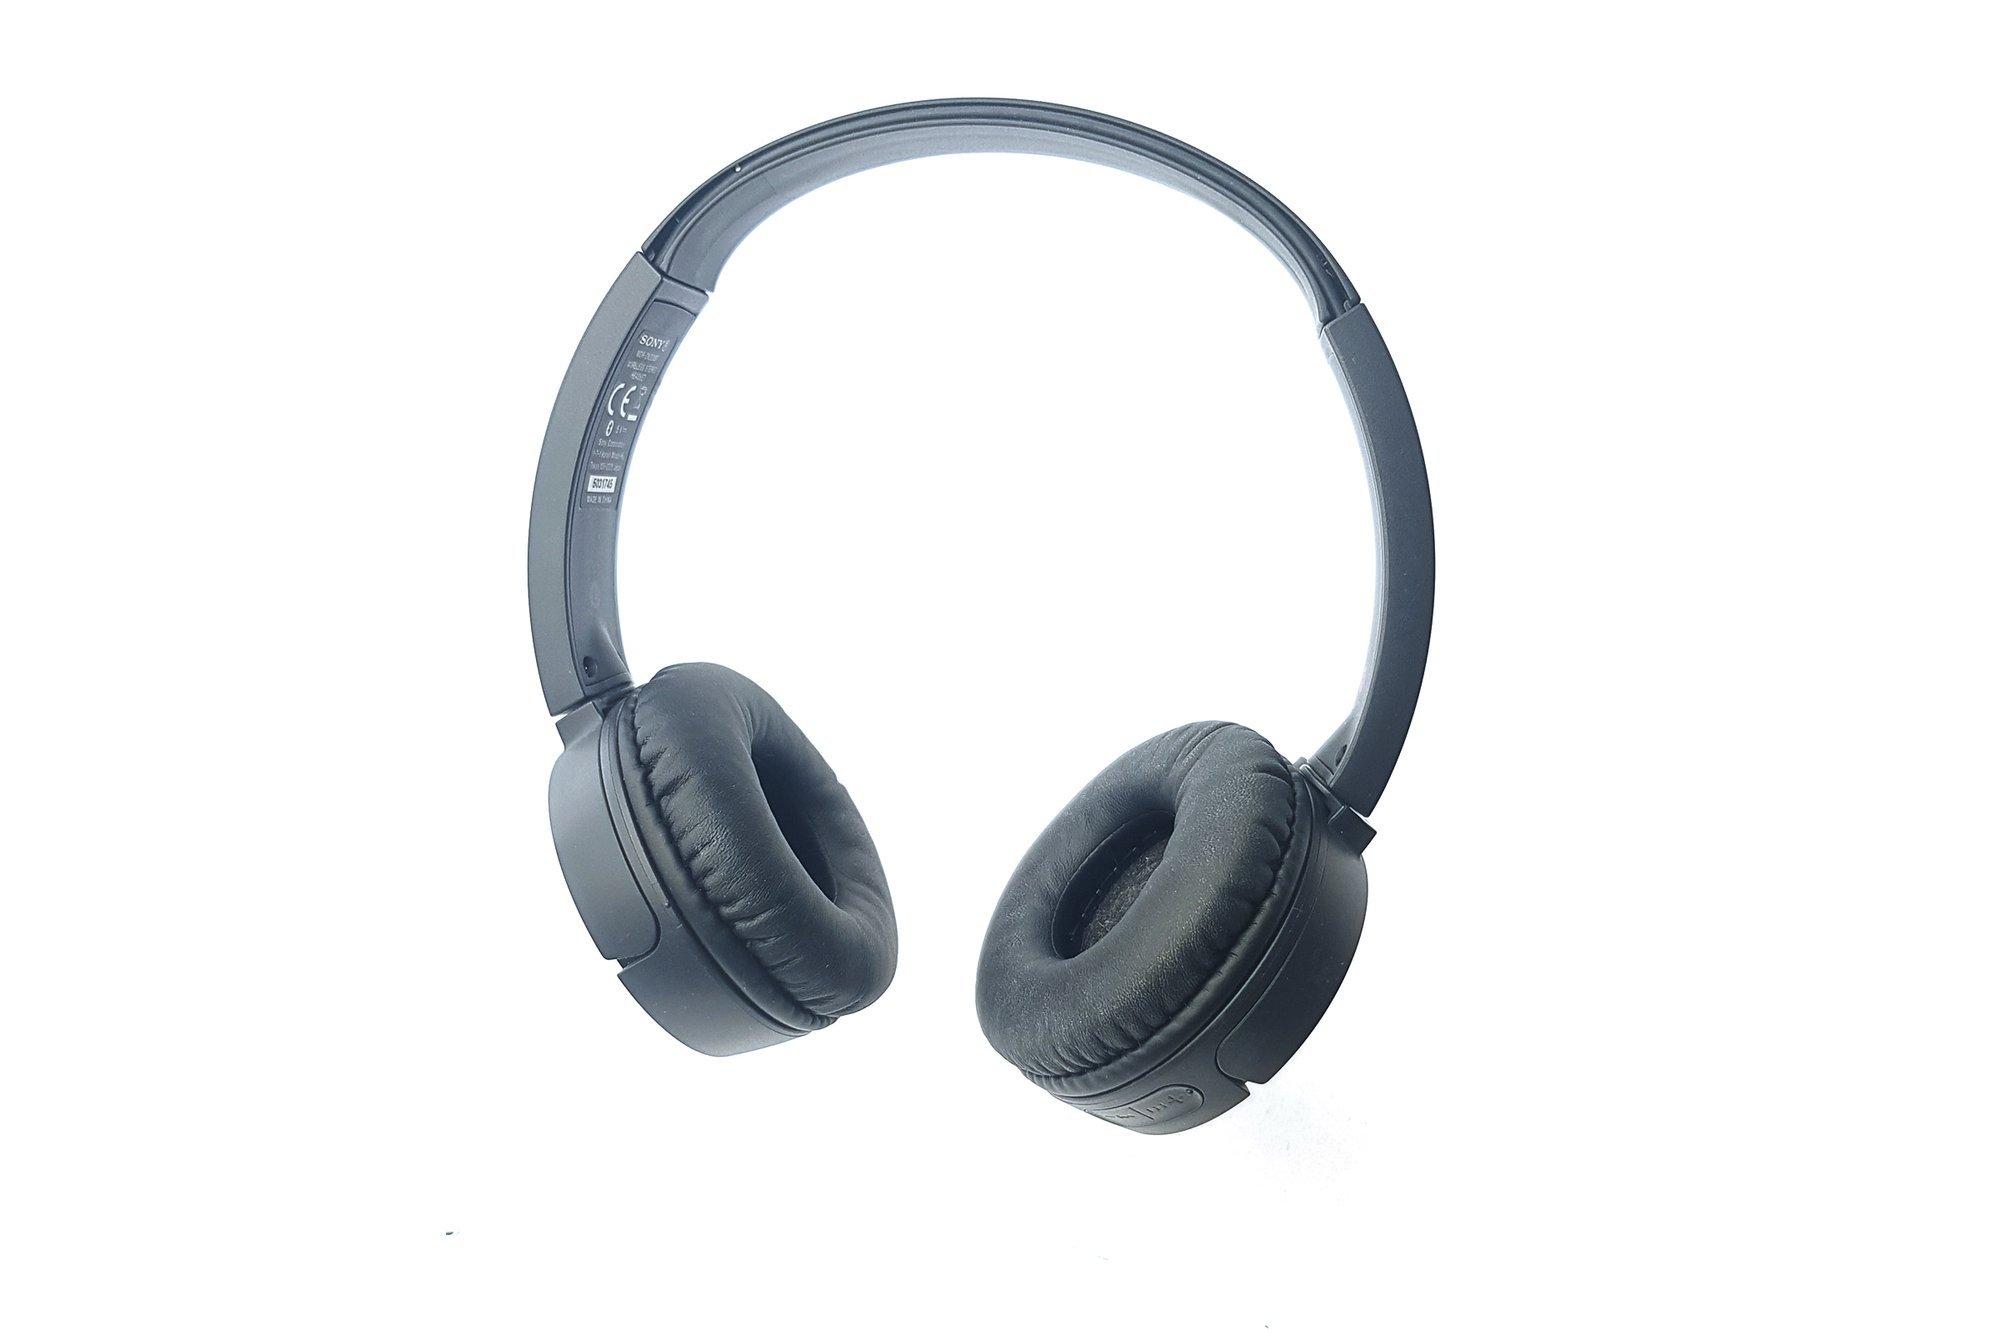 Drahtloser Kopfhörer Sony MDR-ZX220BT Schwarz